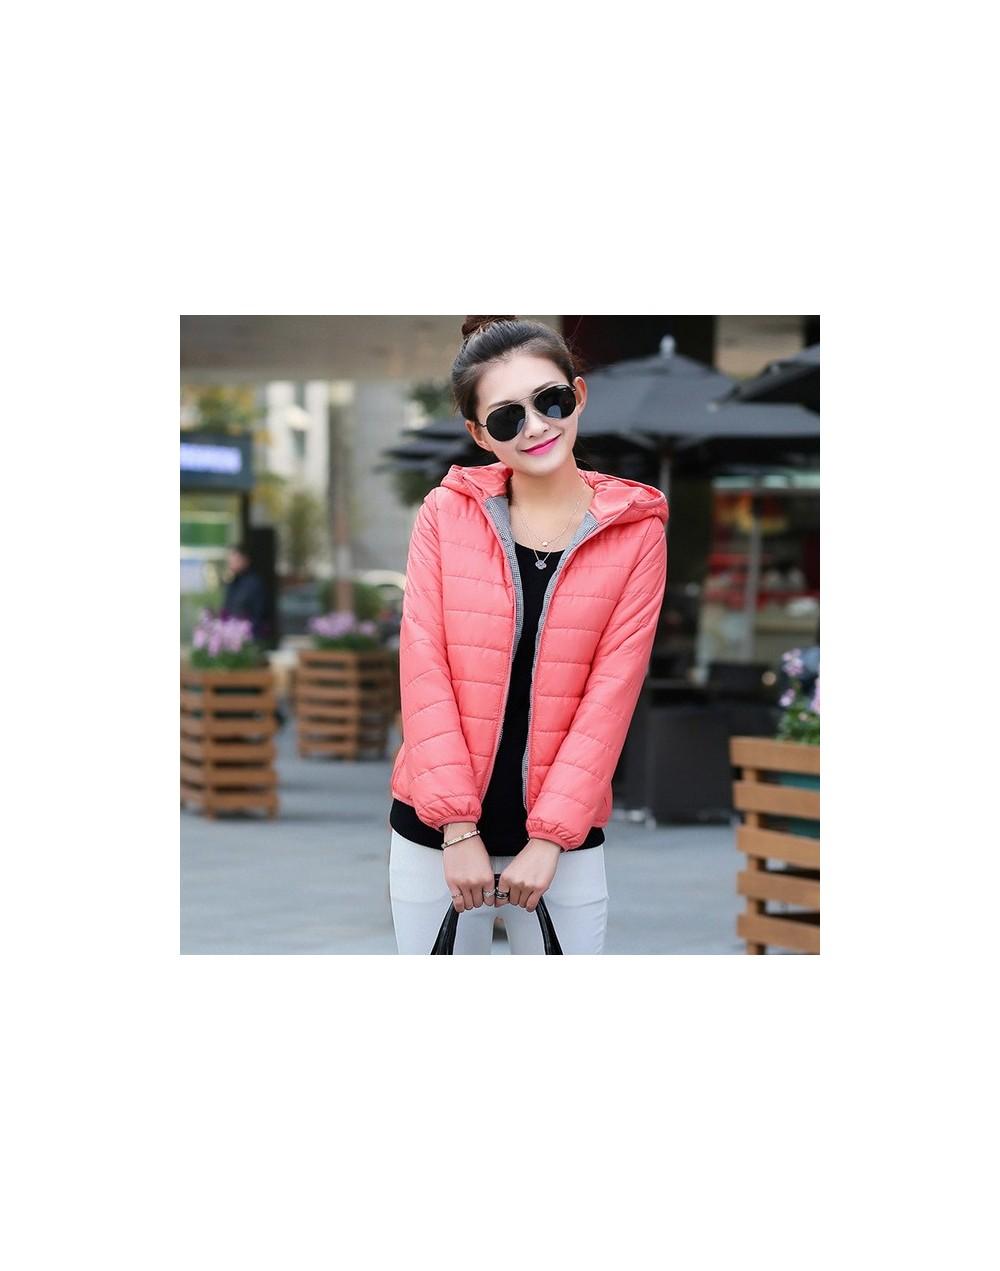 women ultra light down jacket 2017 New hooded winter High Quality jackets women slim long sleeve parka zipper coats - Pink -...